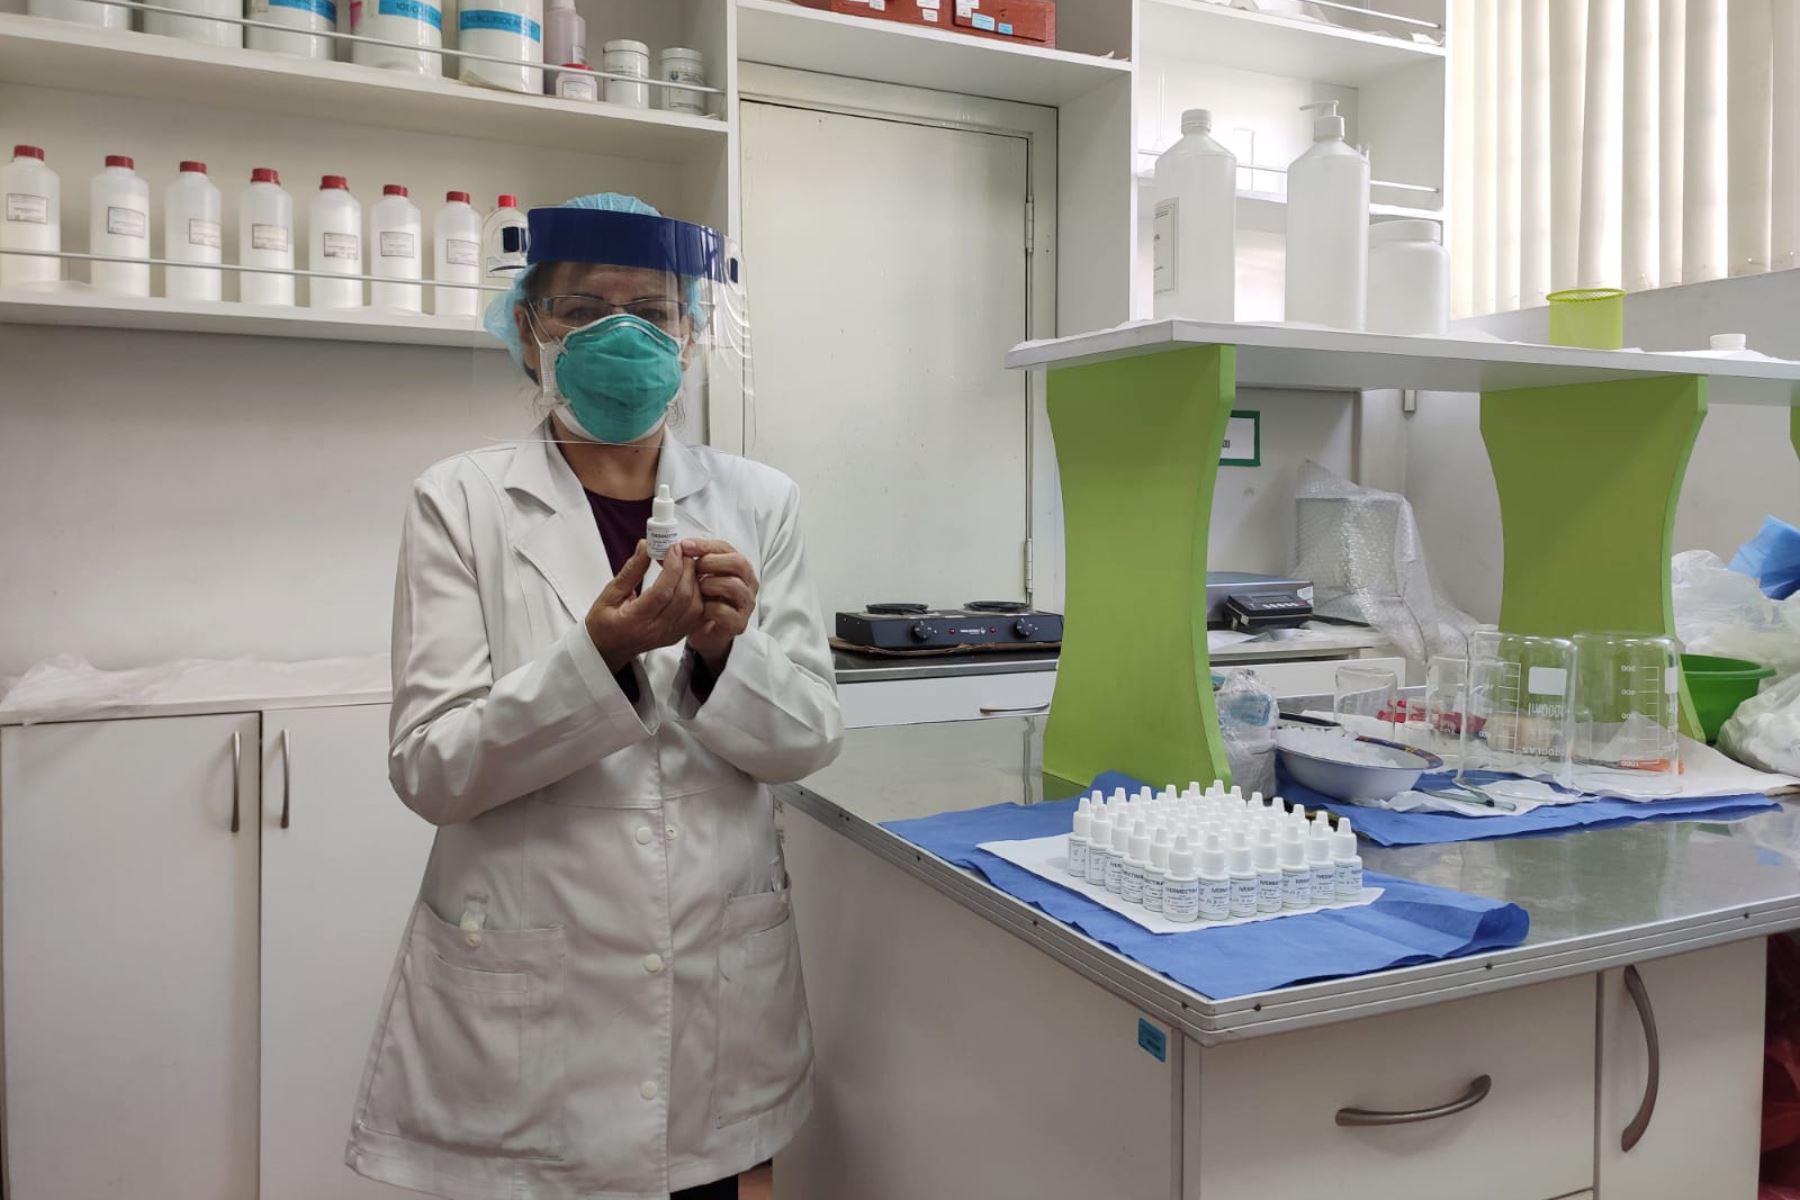 La químico farmacéutica María Medina Garnica es la responsable del Área de Farmacotecnia del hospital covid-19 de Arequipa. Foto: ANDINA/Difusión